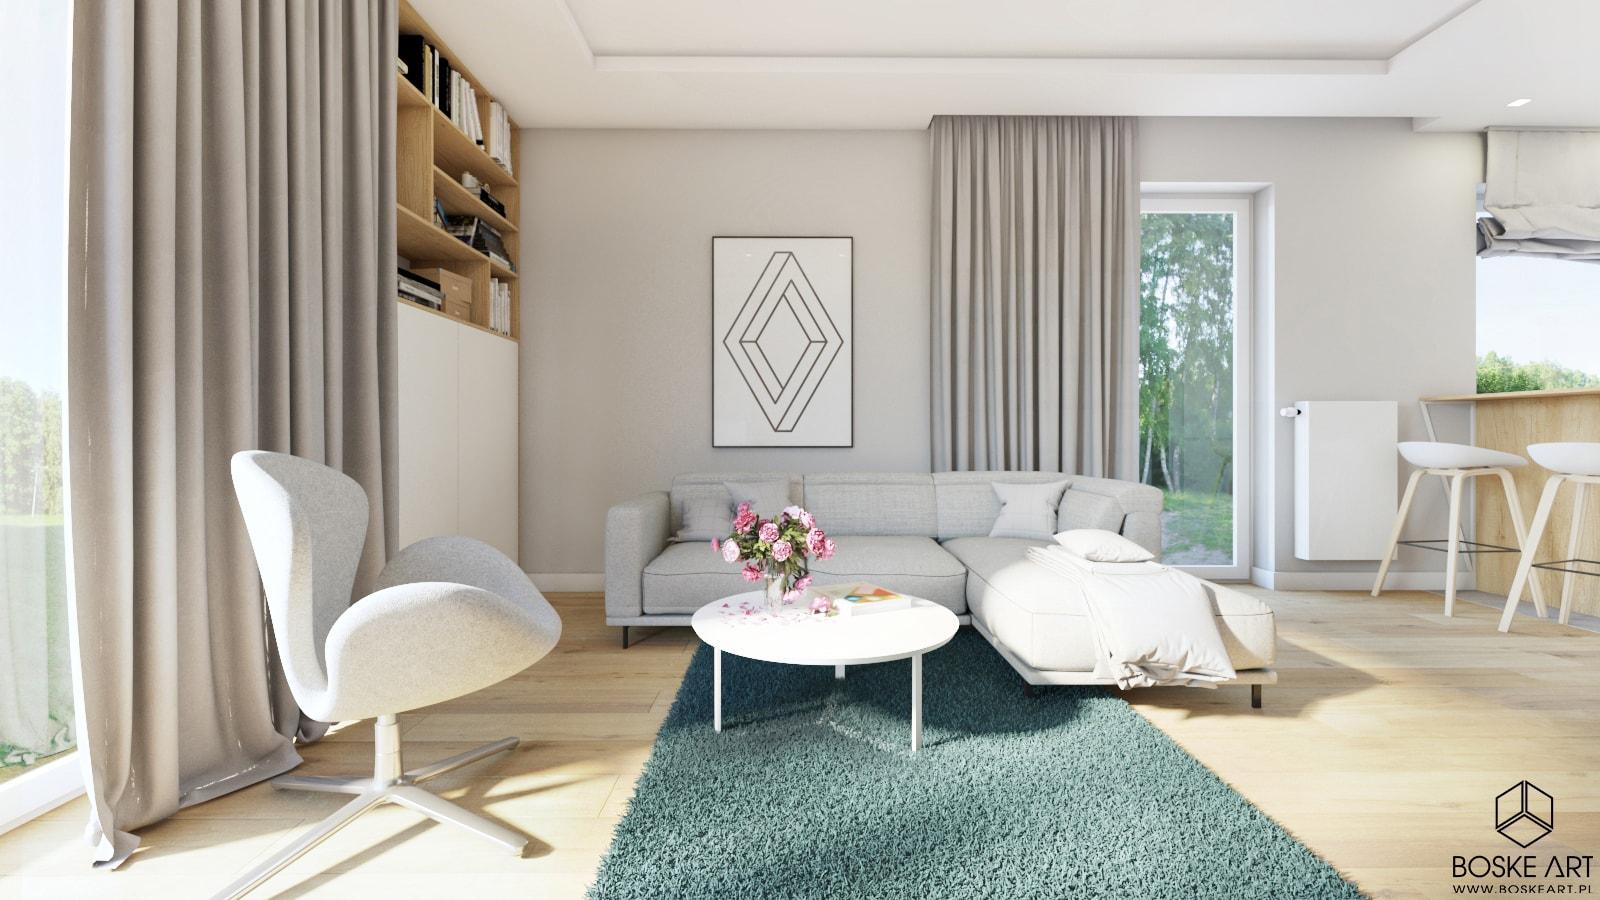 1_projekt_mieszkania_poznan_projektowanie_wnetrz_architektura_boske_art_natalia_robaszkiweicz-min